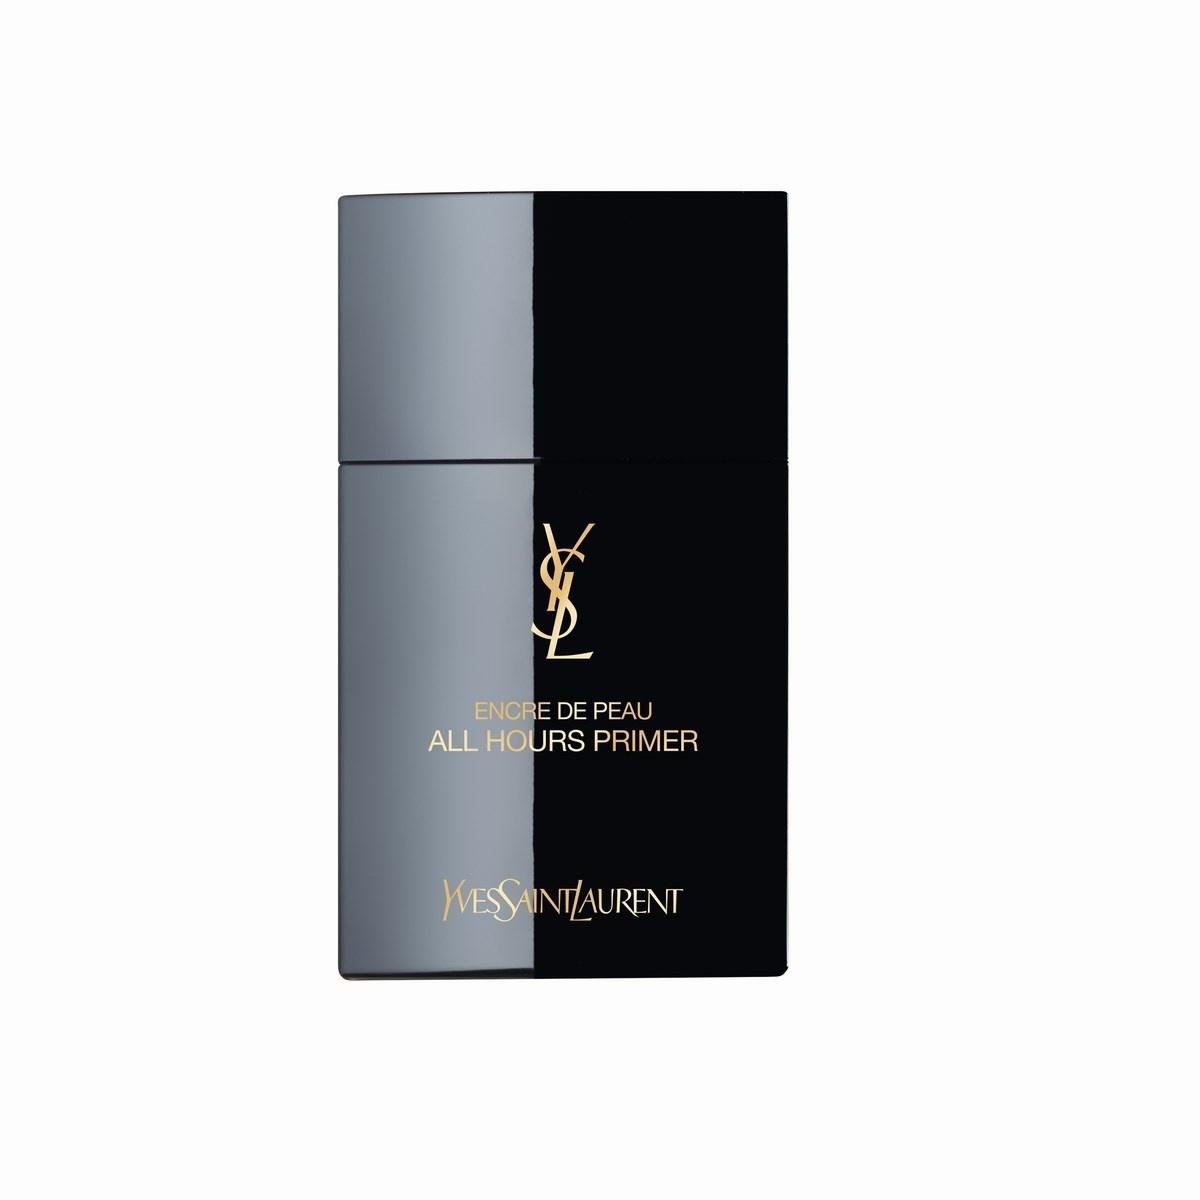 Yves Saint Laurent La Base Encre De Peau, 40 ml